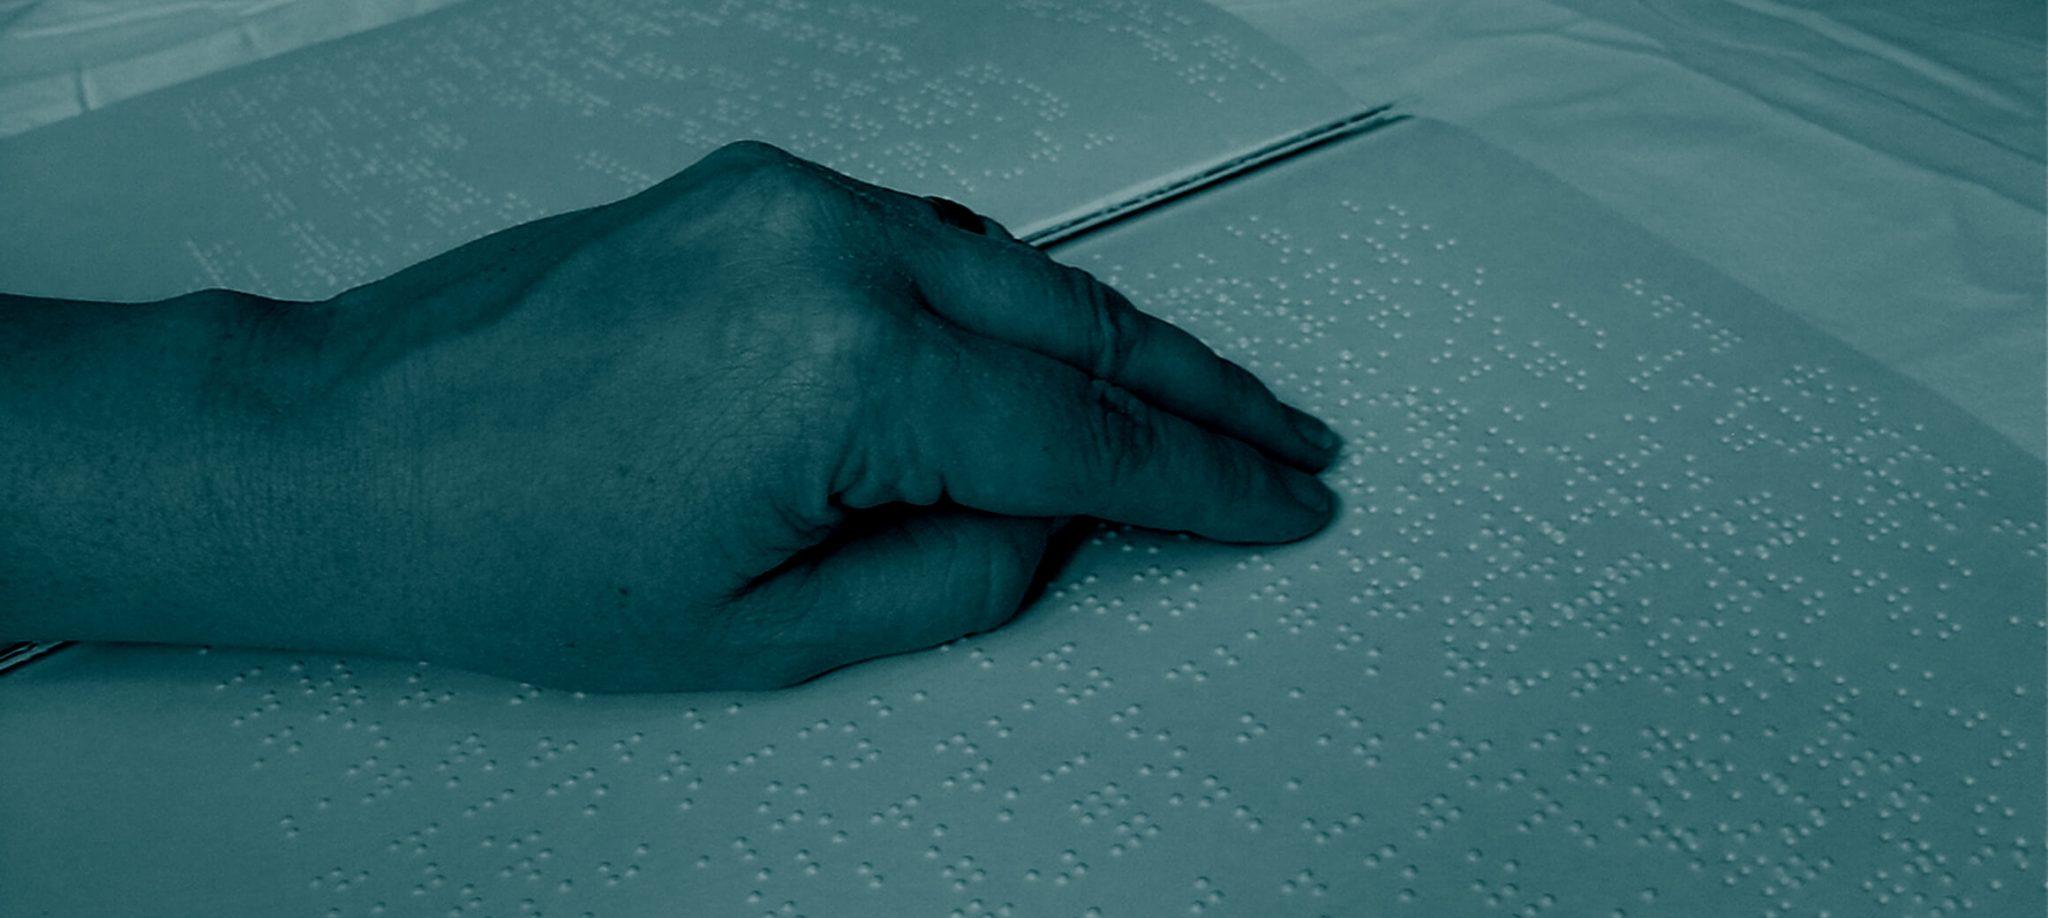 Hände die auf einem Blatt Papier Braille-Schrift lesen.